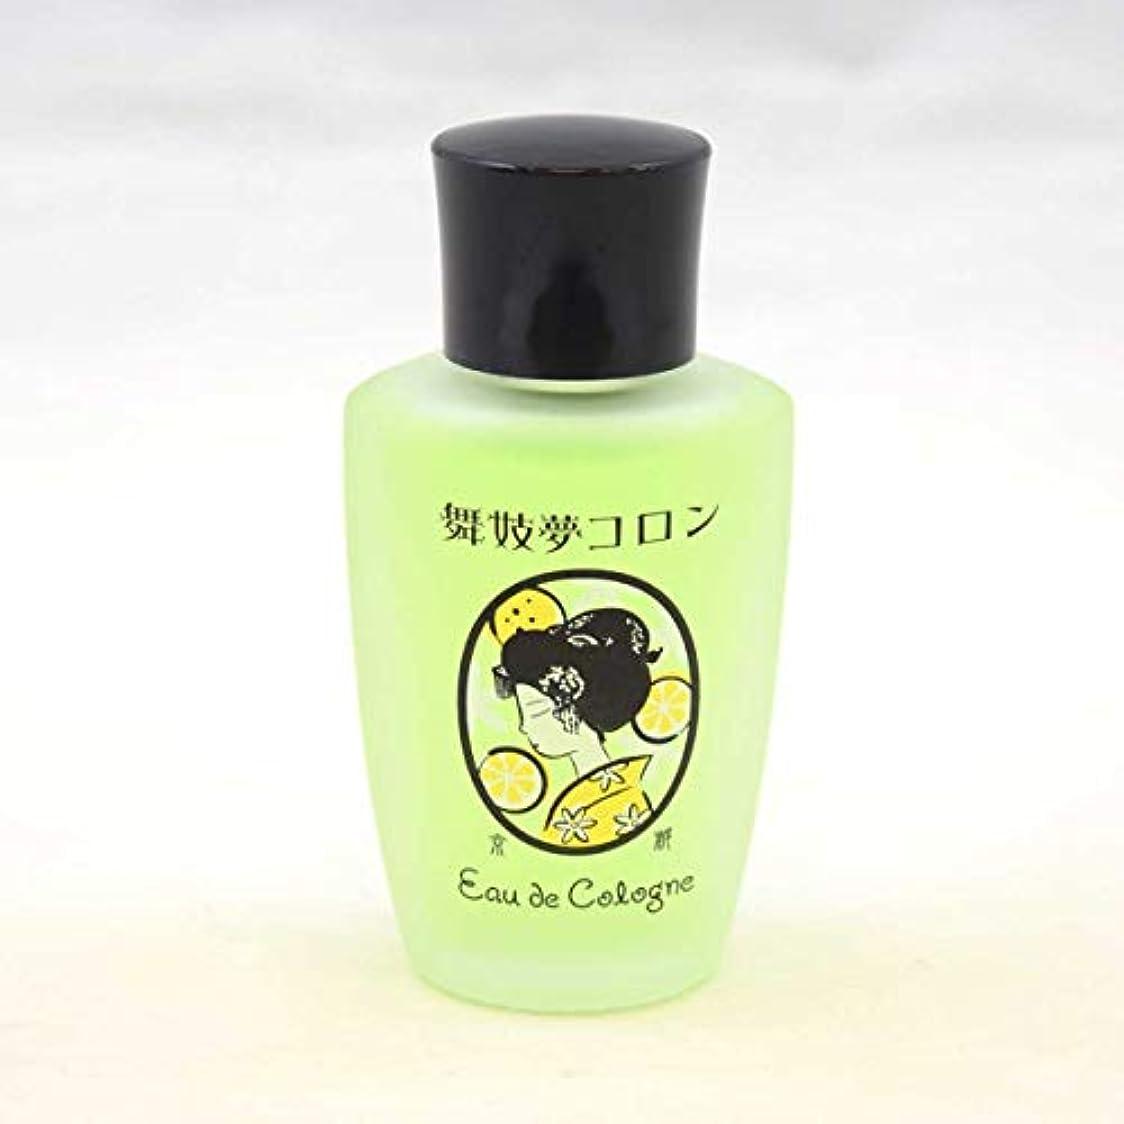 ハウス時刻表二週間舞妓夢コロン?柚子(ゆず)の香り - 京都限定のオーデコロン